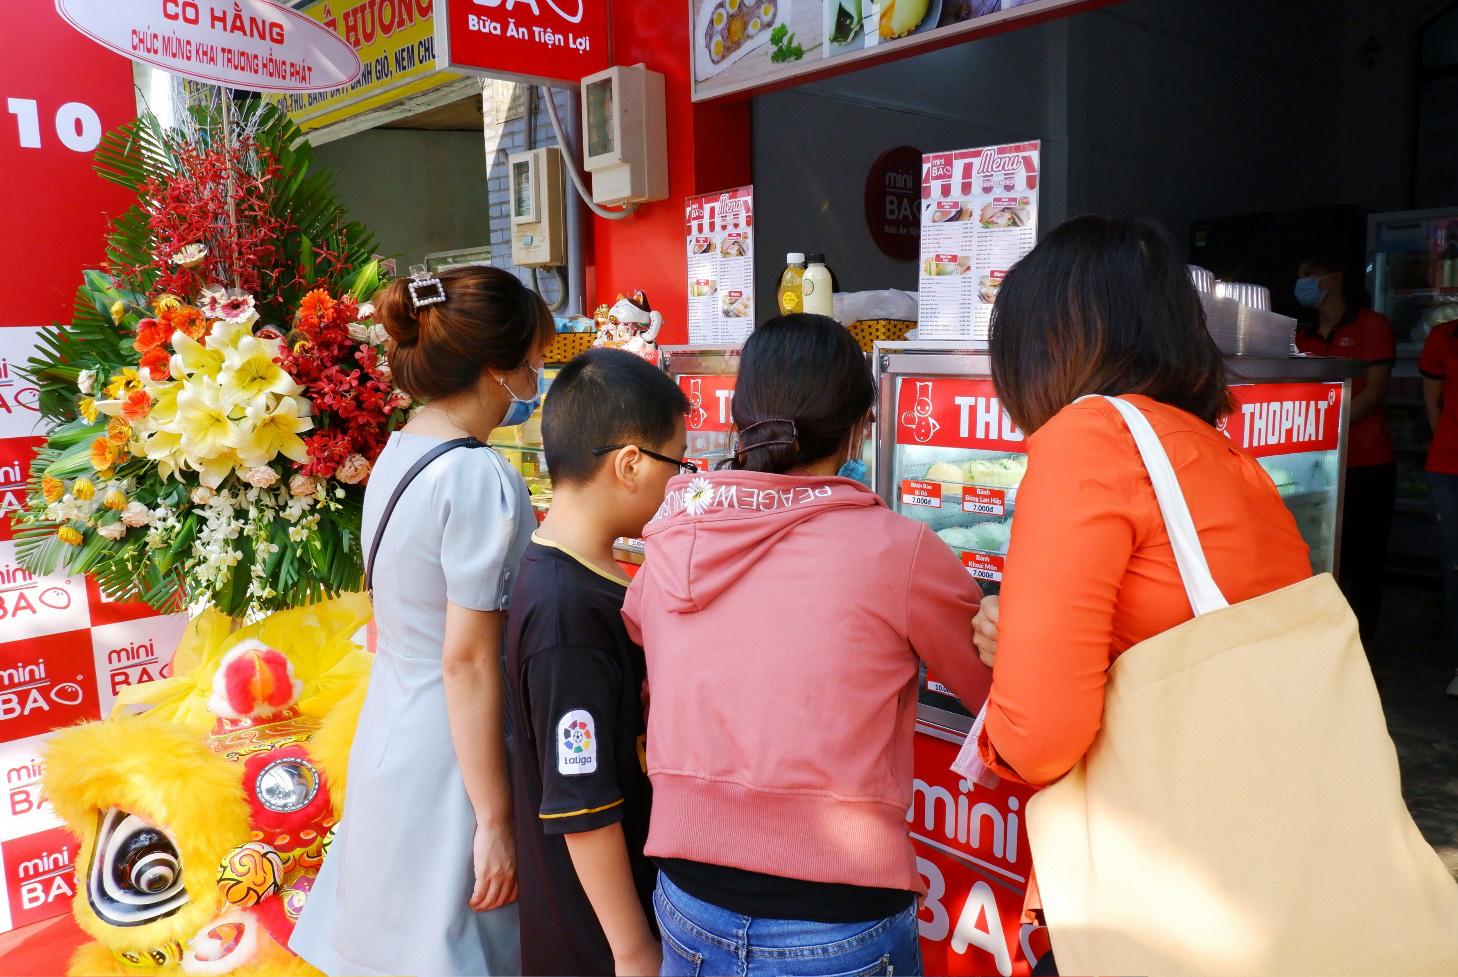 Chào hè cùng combo bánh bao ngũ sắc siêu cưng tại mini BAO - Ảnh 9.